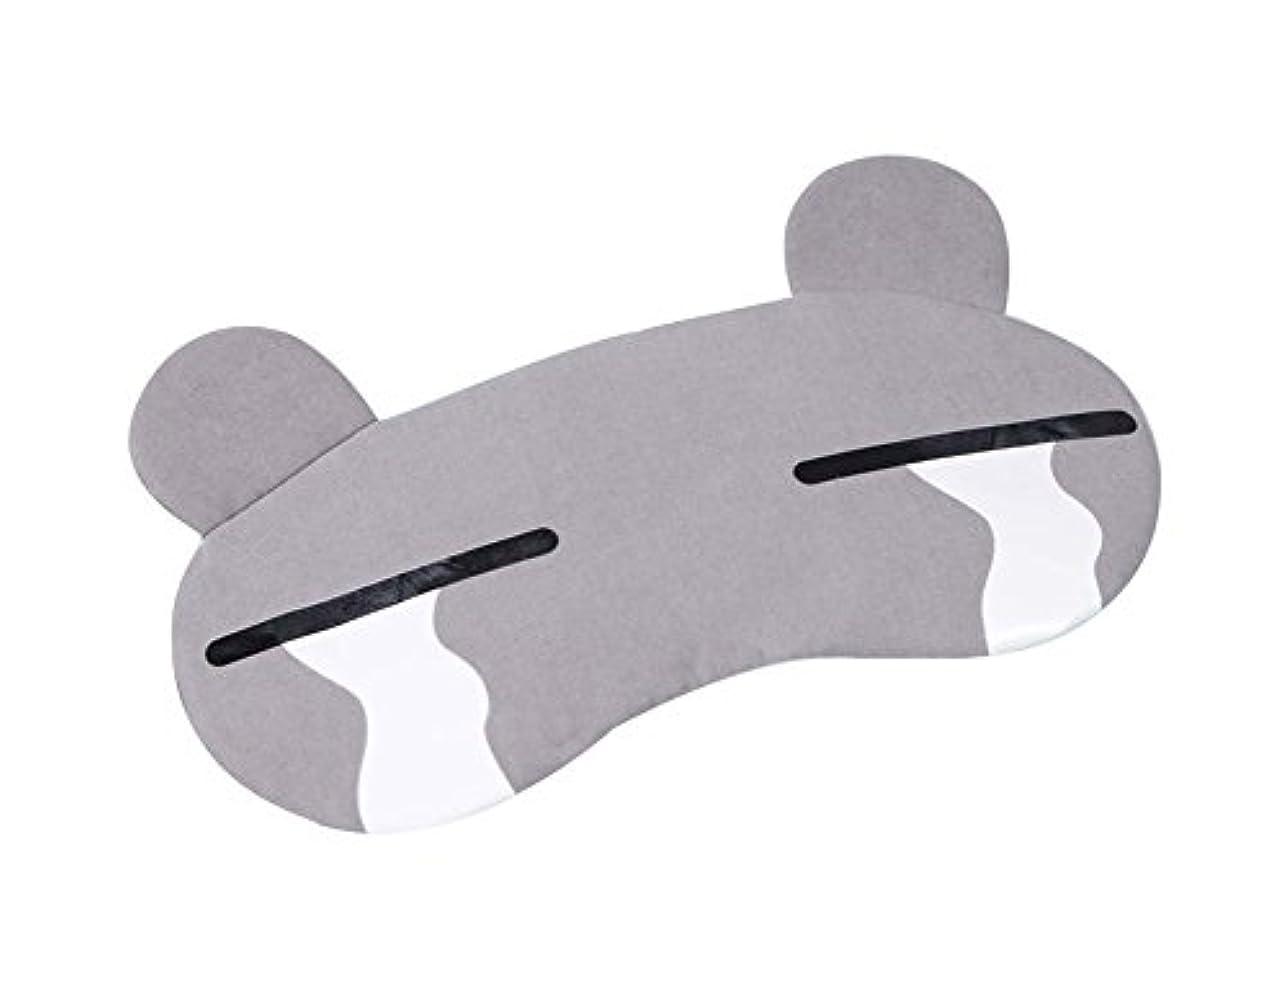 診断する解読する却下するグレー泣く睡眠の目マスク快適な目のカバー通気性のあるアイシェイド